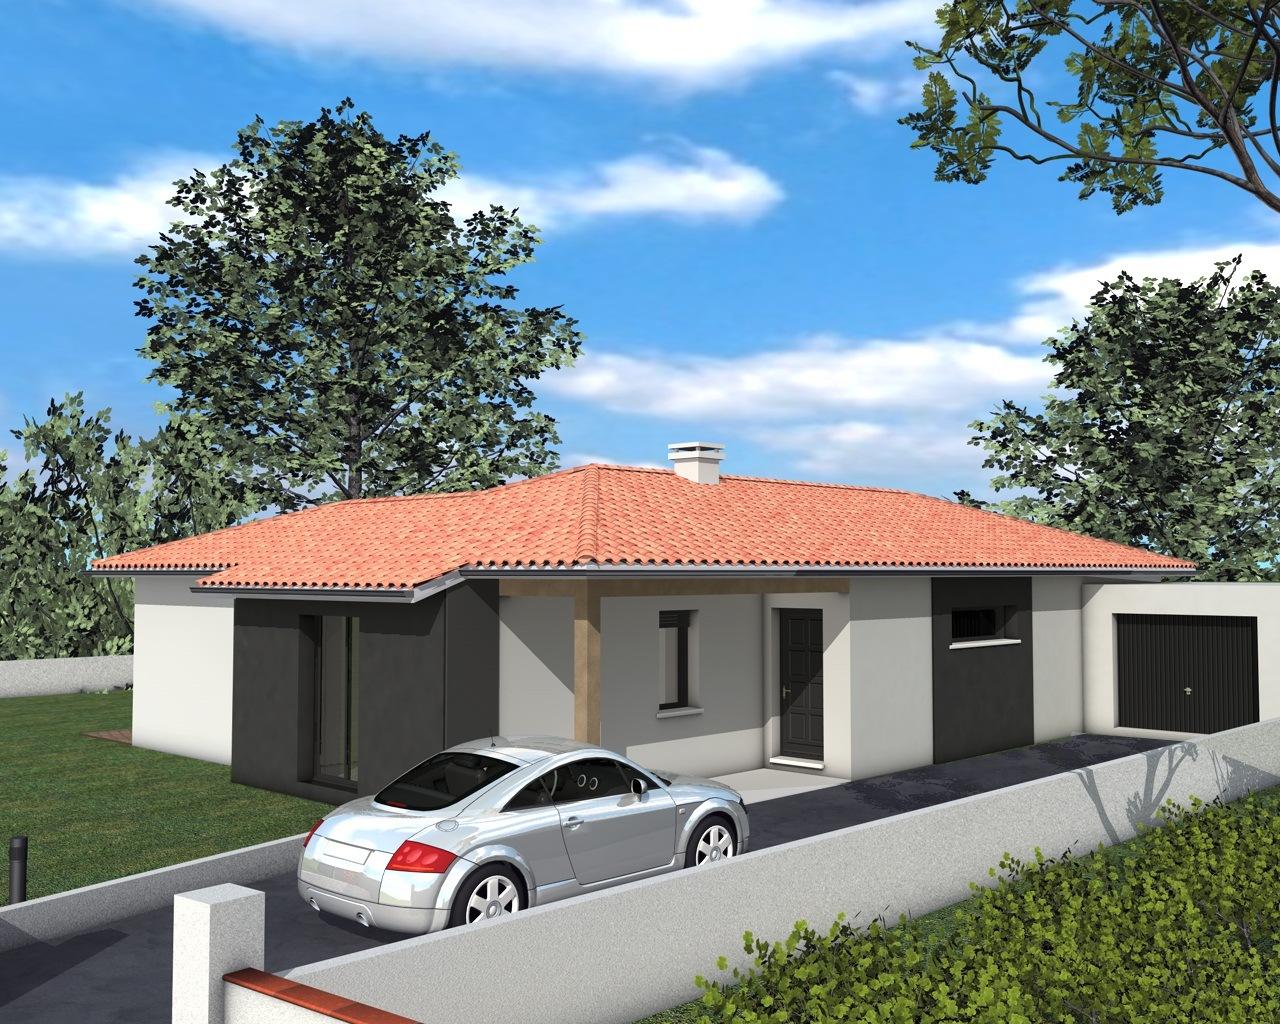 Maison plain pied garage toit plat - Maison plain pied toit monopente ...